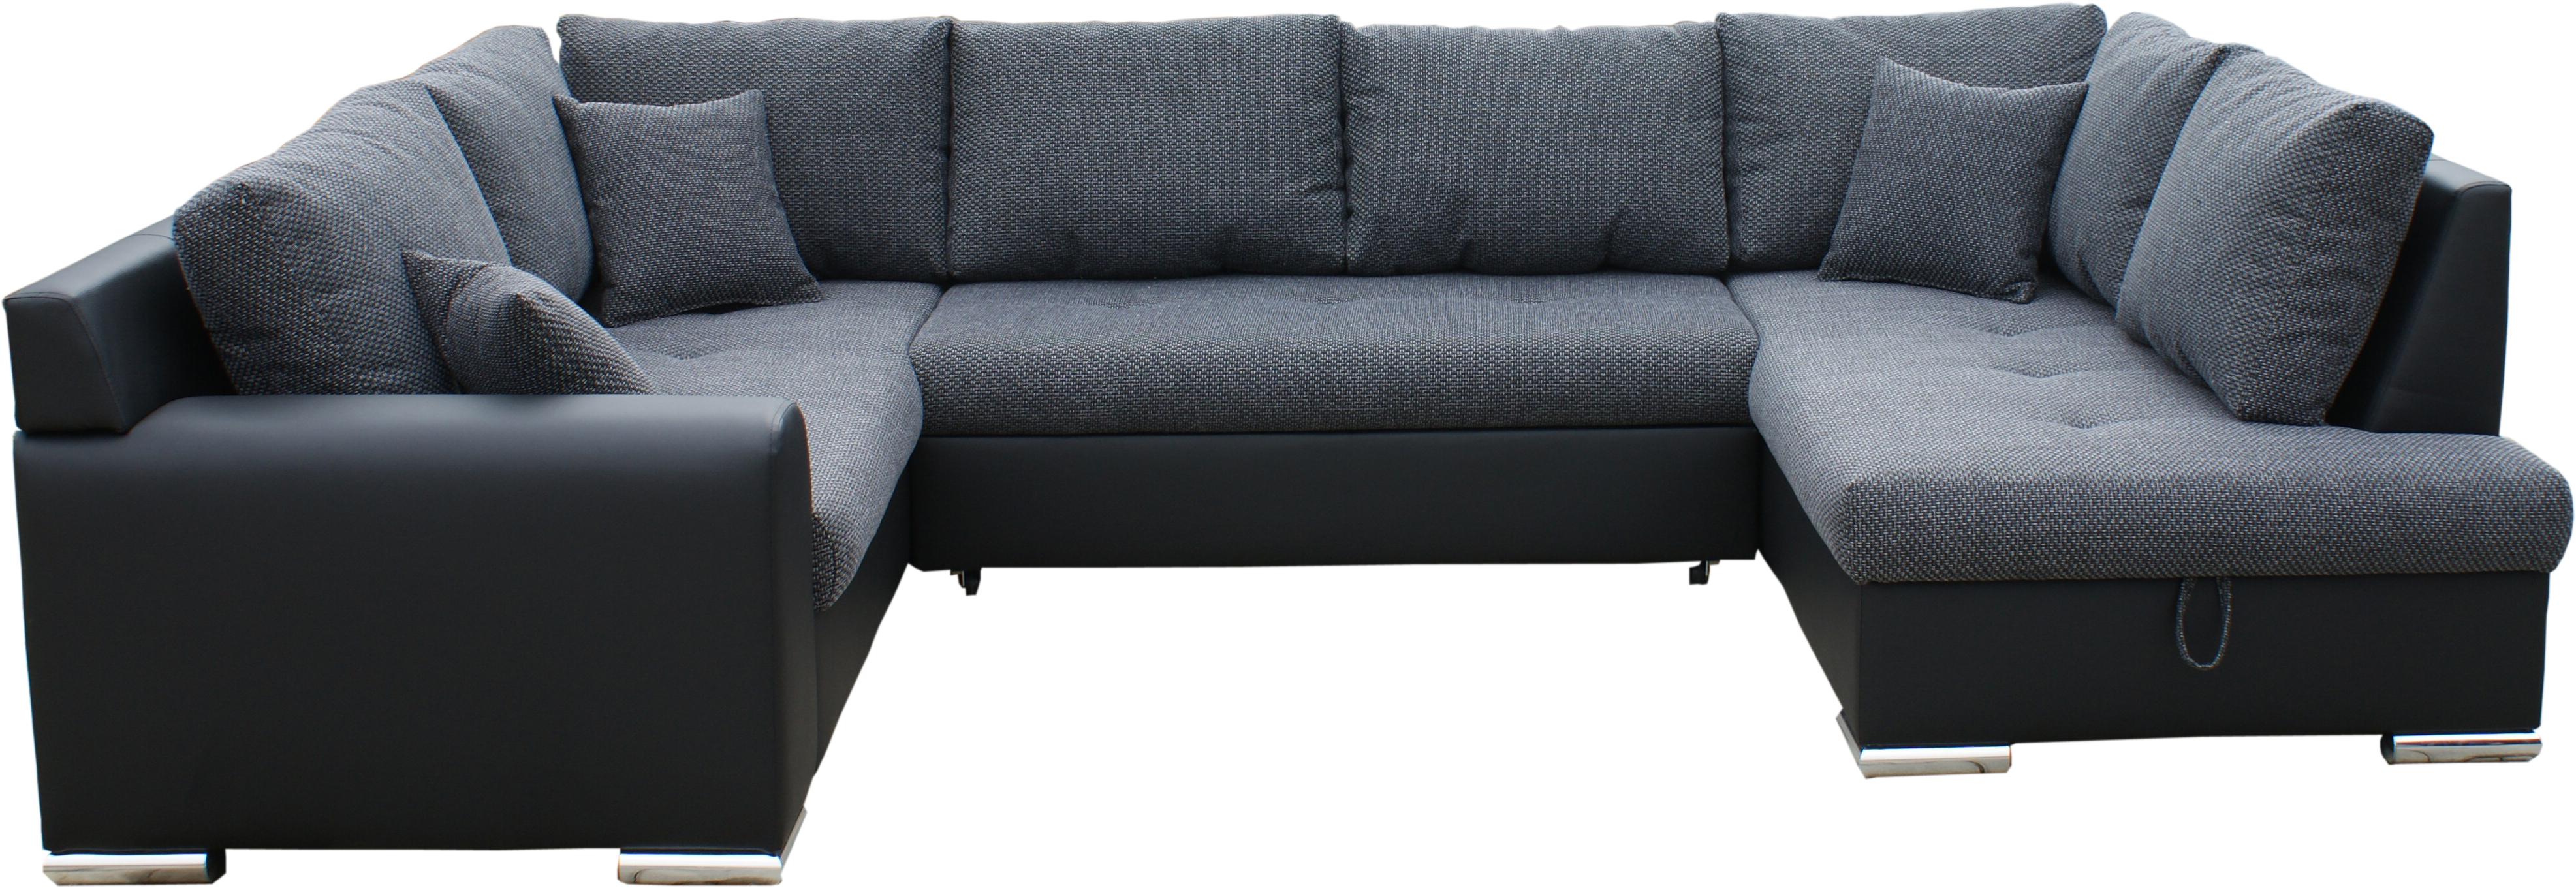 Rohová sedací souprava U - BRW - Olimp U (šedá + černá) (L)